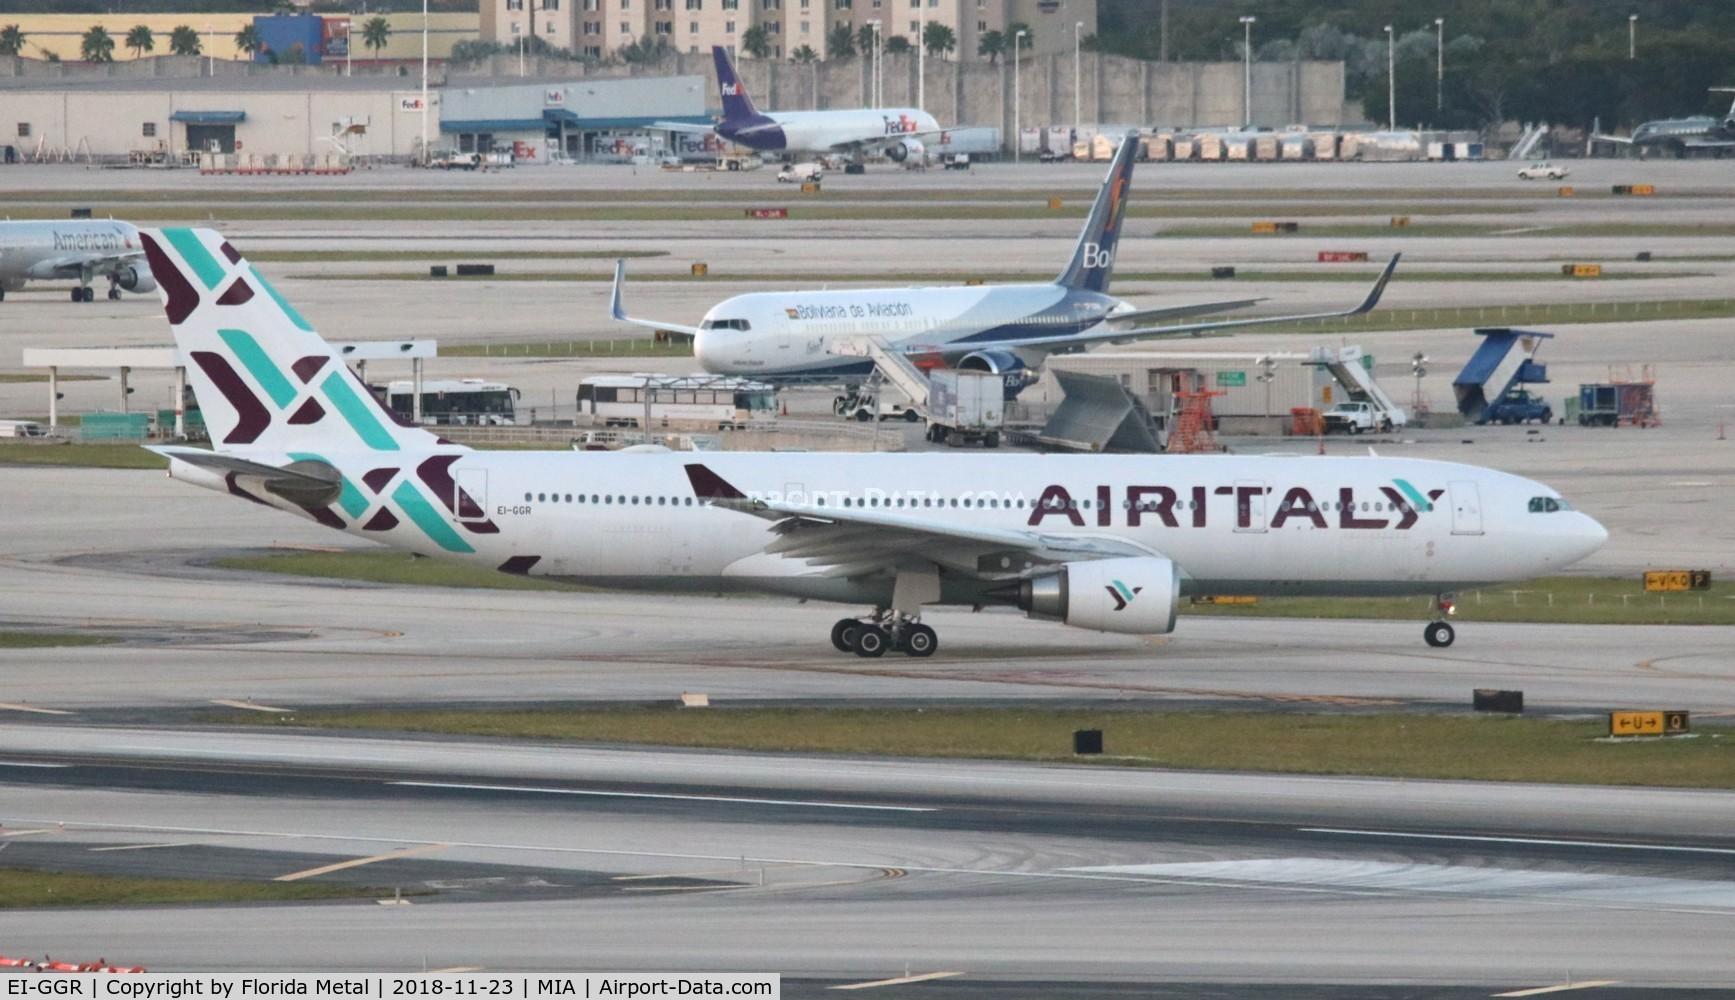 EI-GGR, 2004 Airbus A330-202 C/N 638, Air Italy